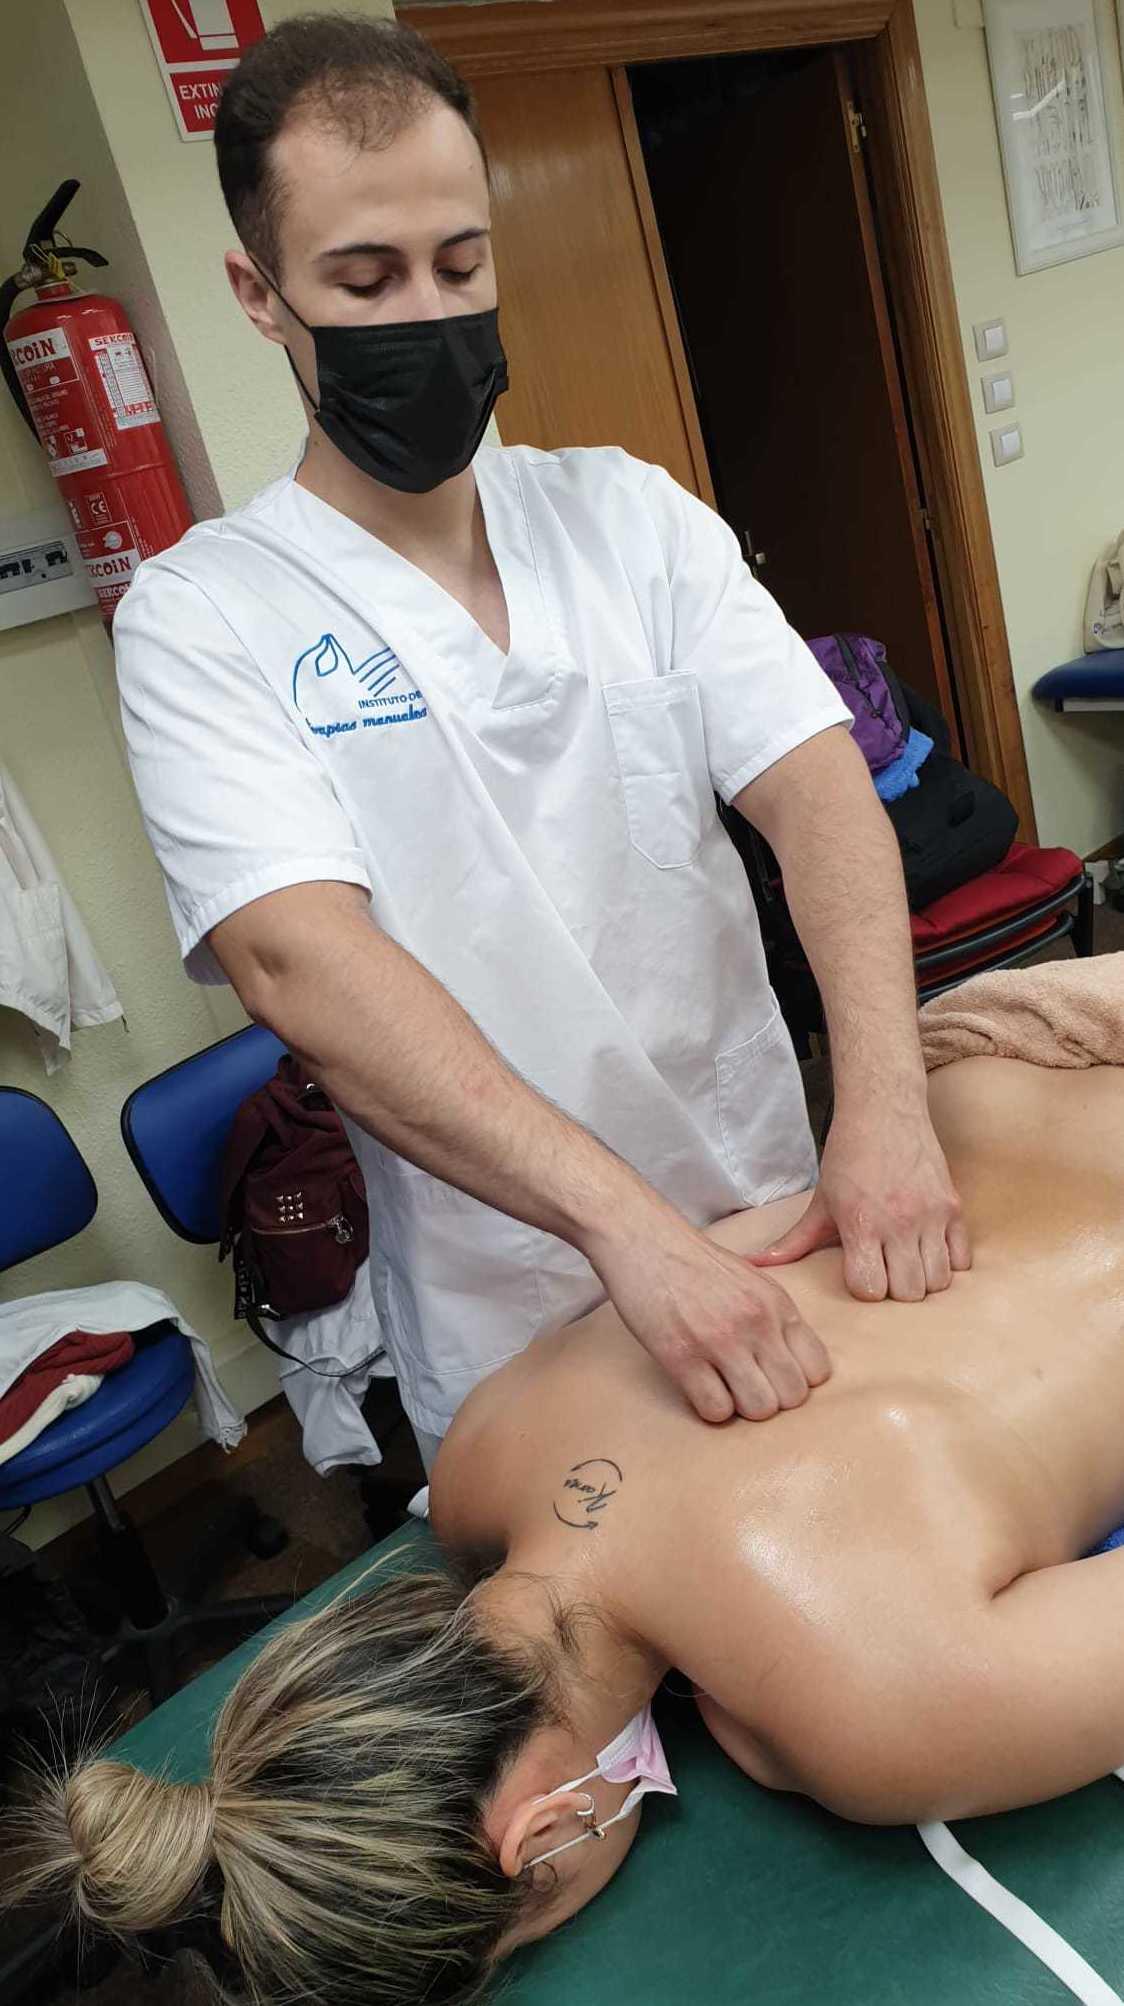 Foto 16 de Academias de enseñanzas sanitarias en Bilbao   Instituto de Terapias Manuales